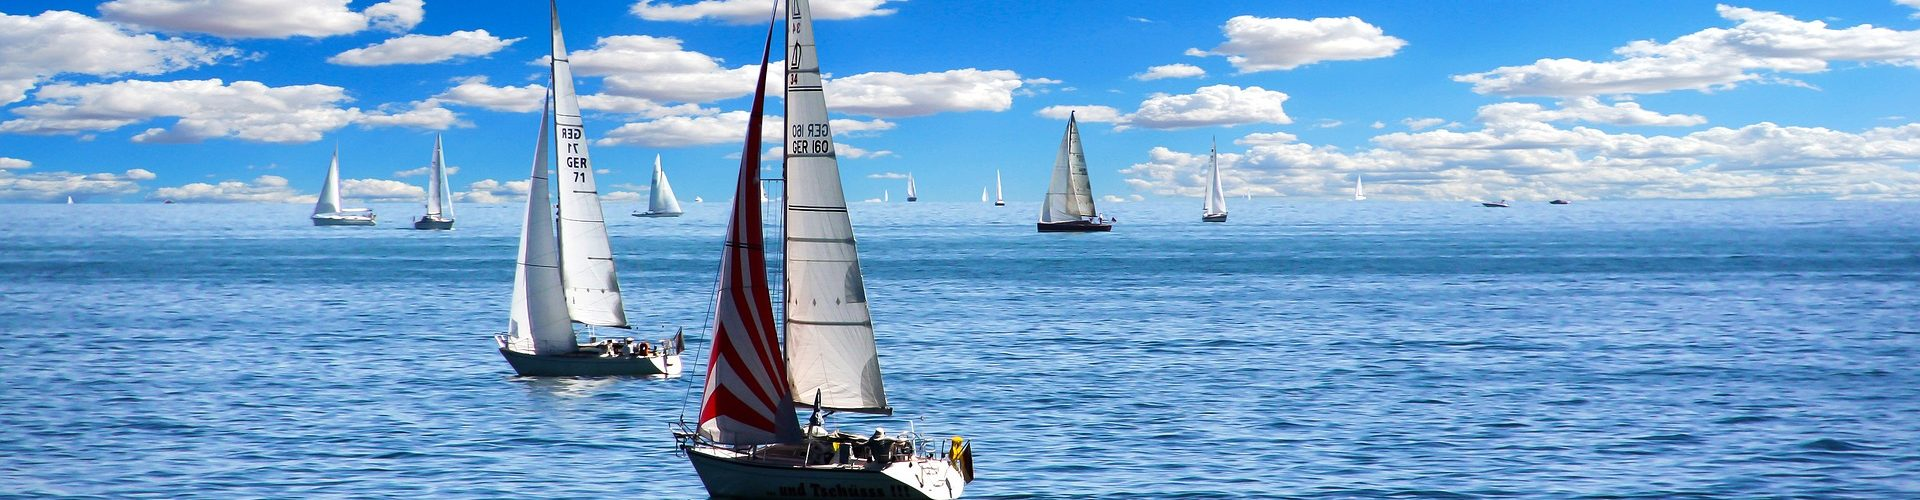 segeln lernen in Märkisch Buchholz segelschein machen in Märkisch Buchholz 1920x500 - Segeln lernen in Märkisch Buchholz